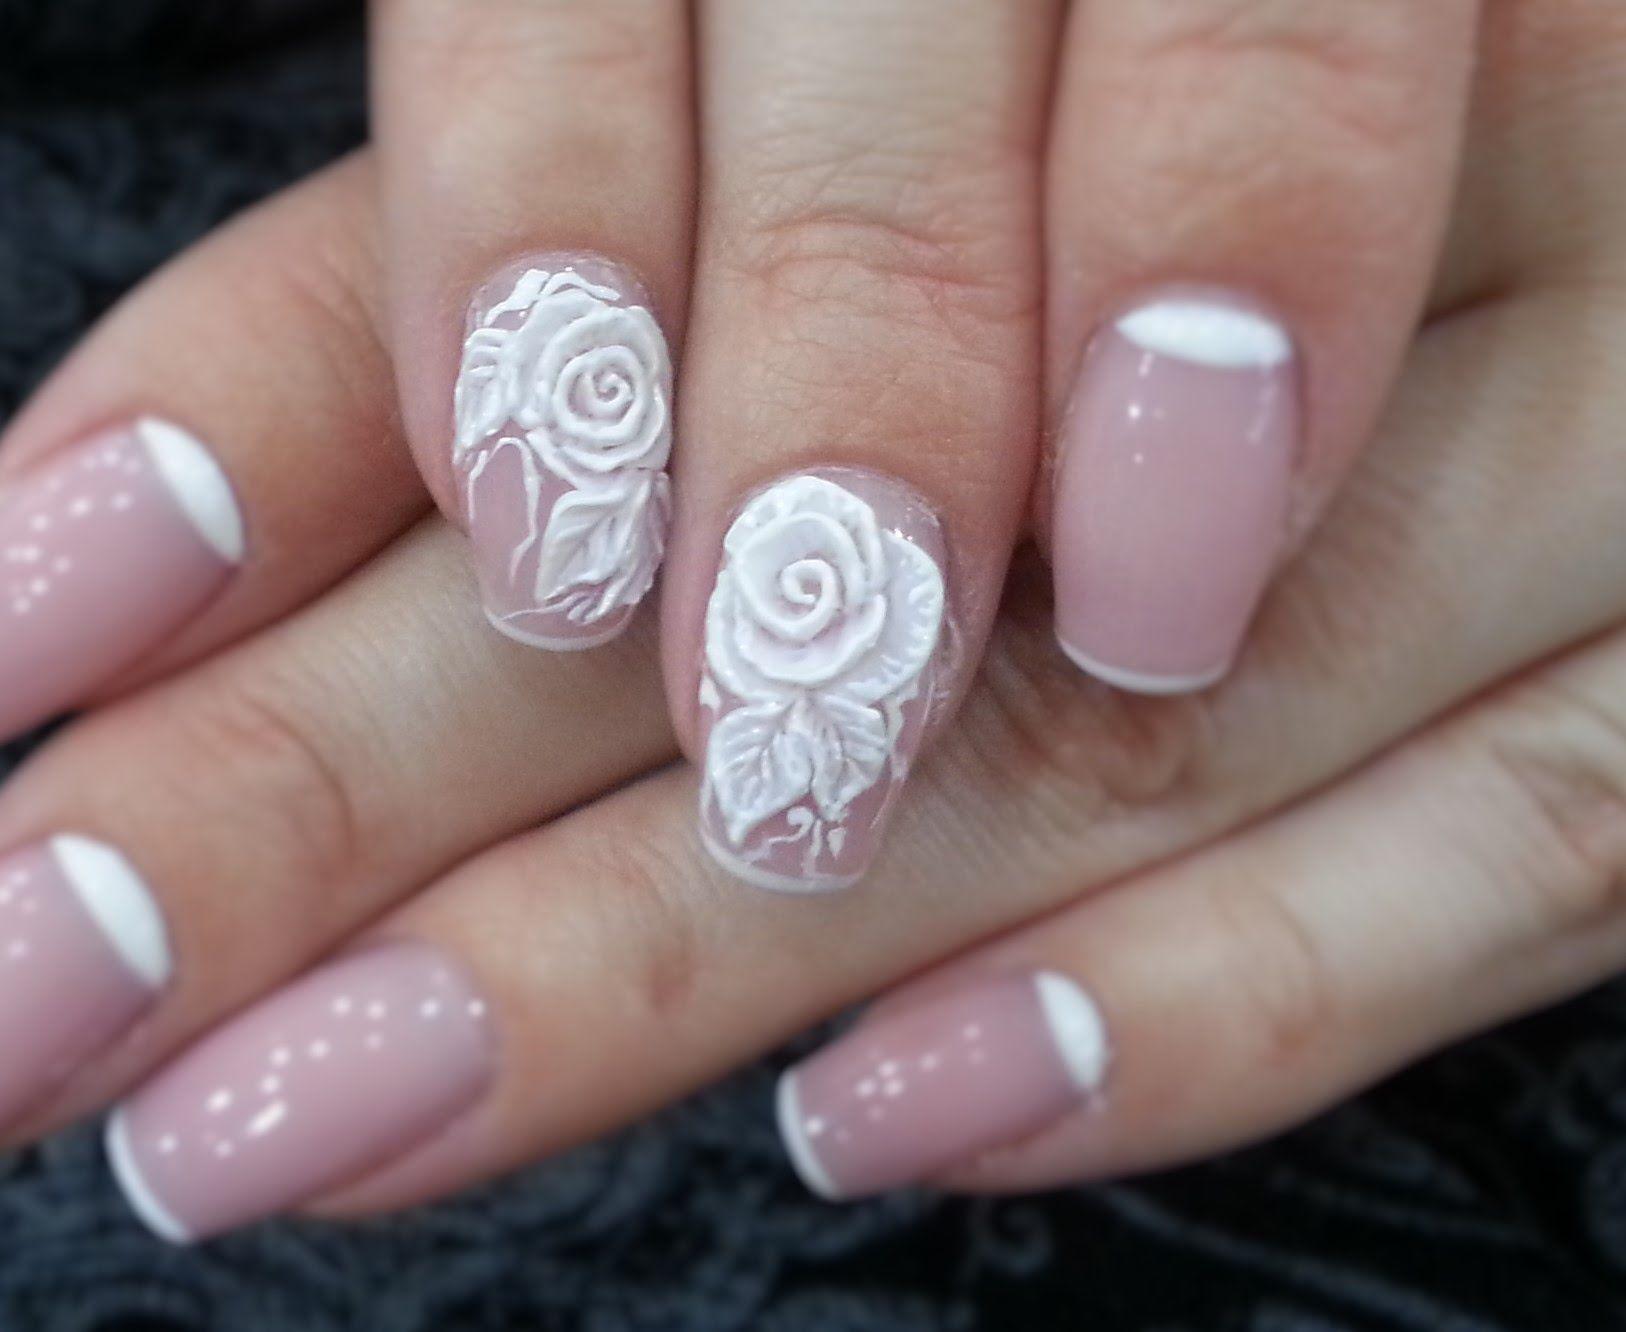 Дизайн ногтей. Лепка 4Dгелем Роза Гвоздь, Ногти невесты